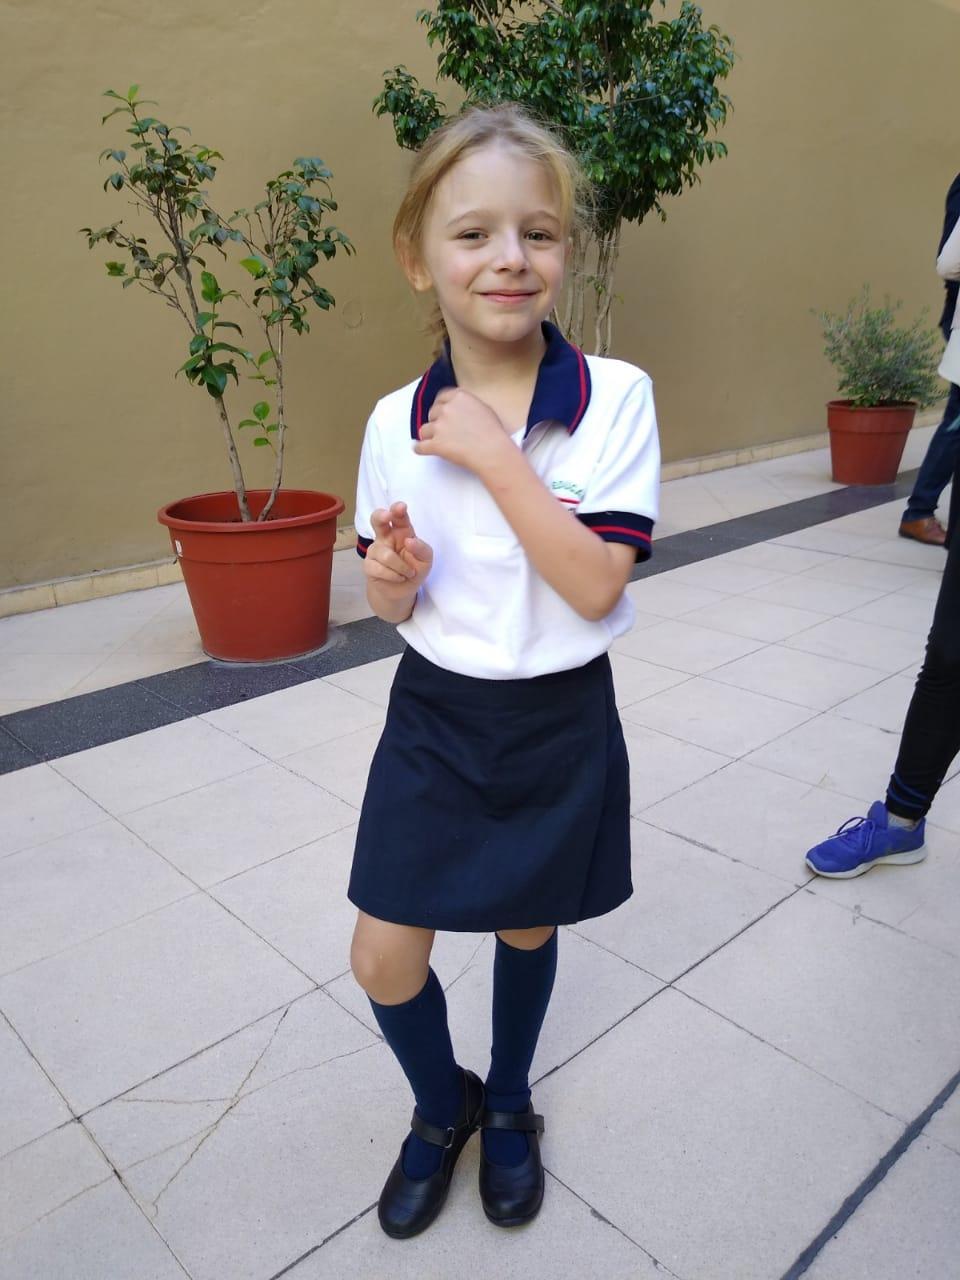 Queridas familias, les hacemos llegar los flyers de los negocios en los que pueden comprar los uniformes escolares.